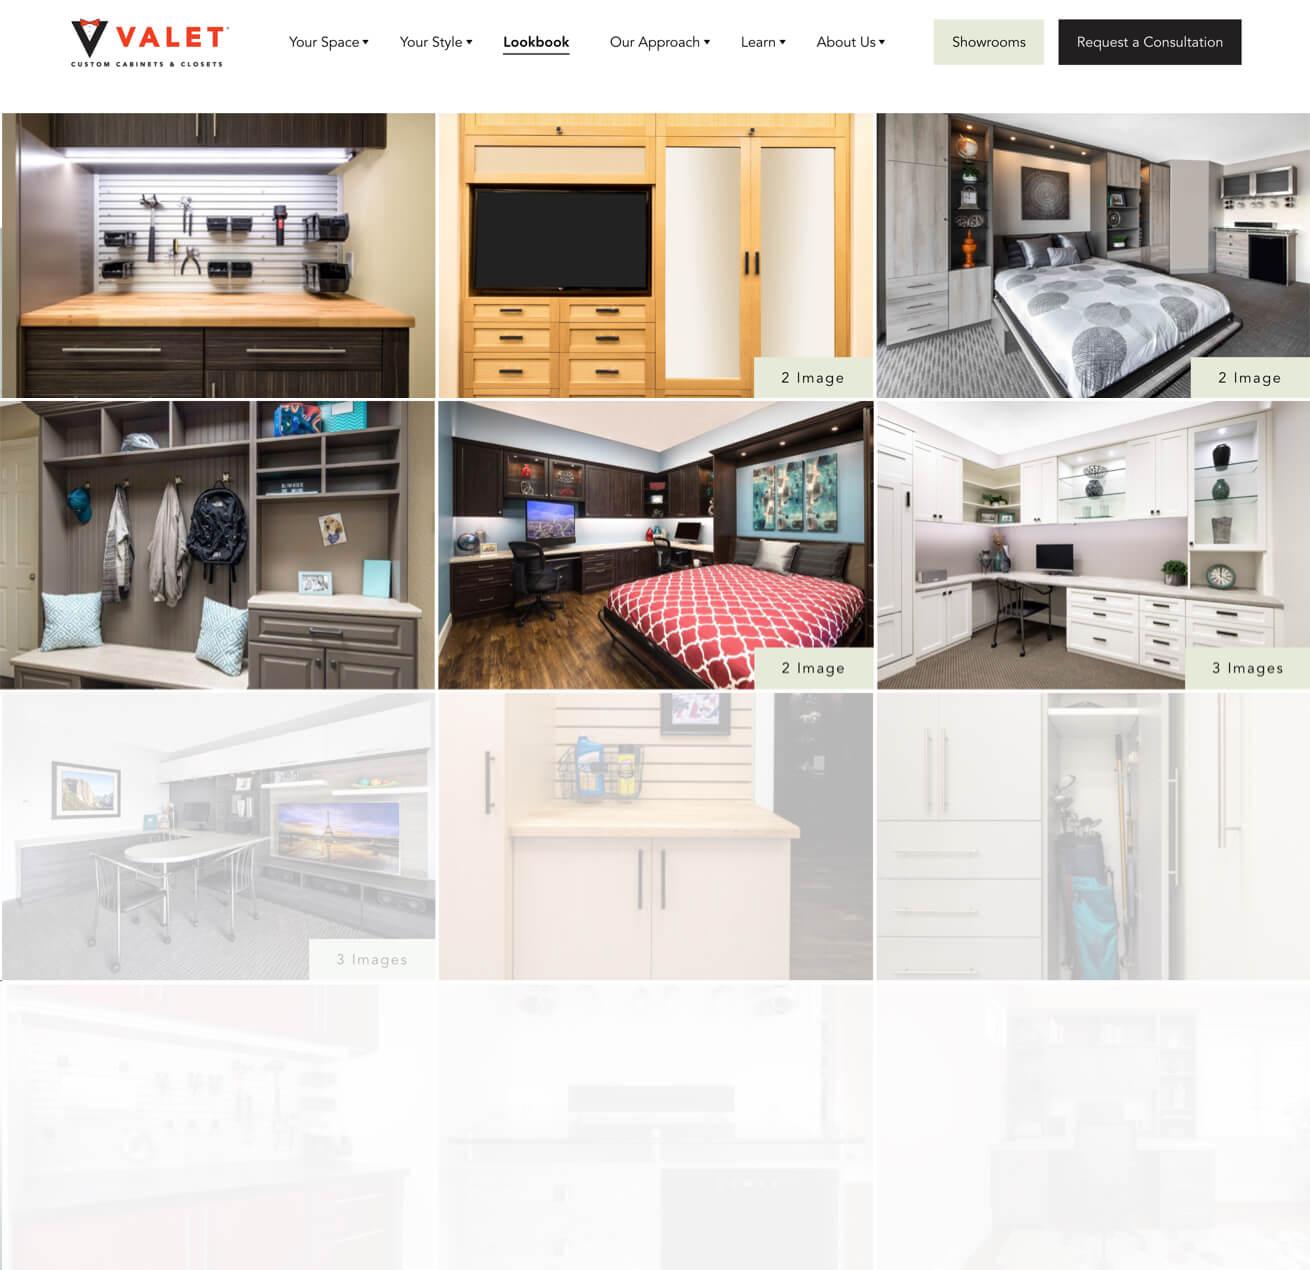 Valet Custom Images